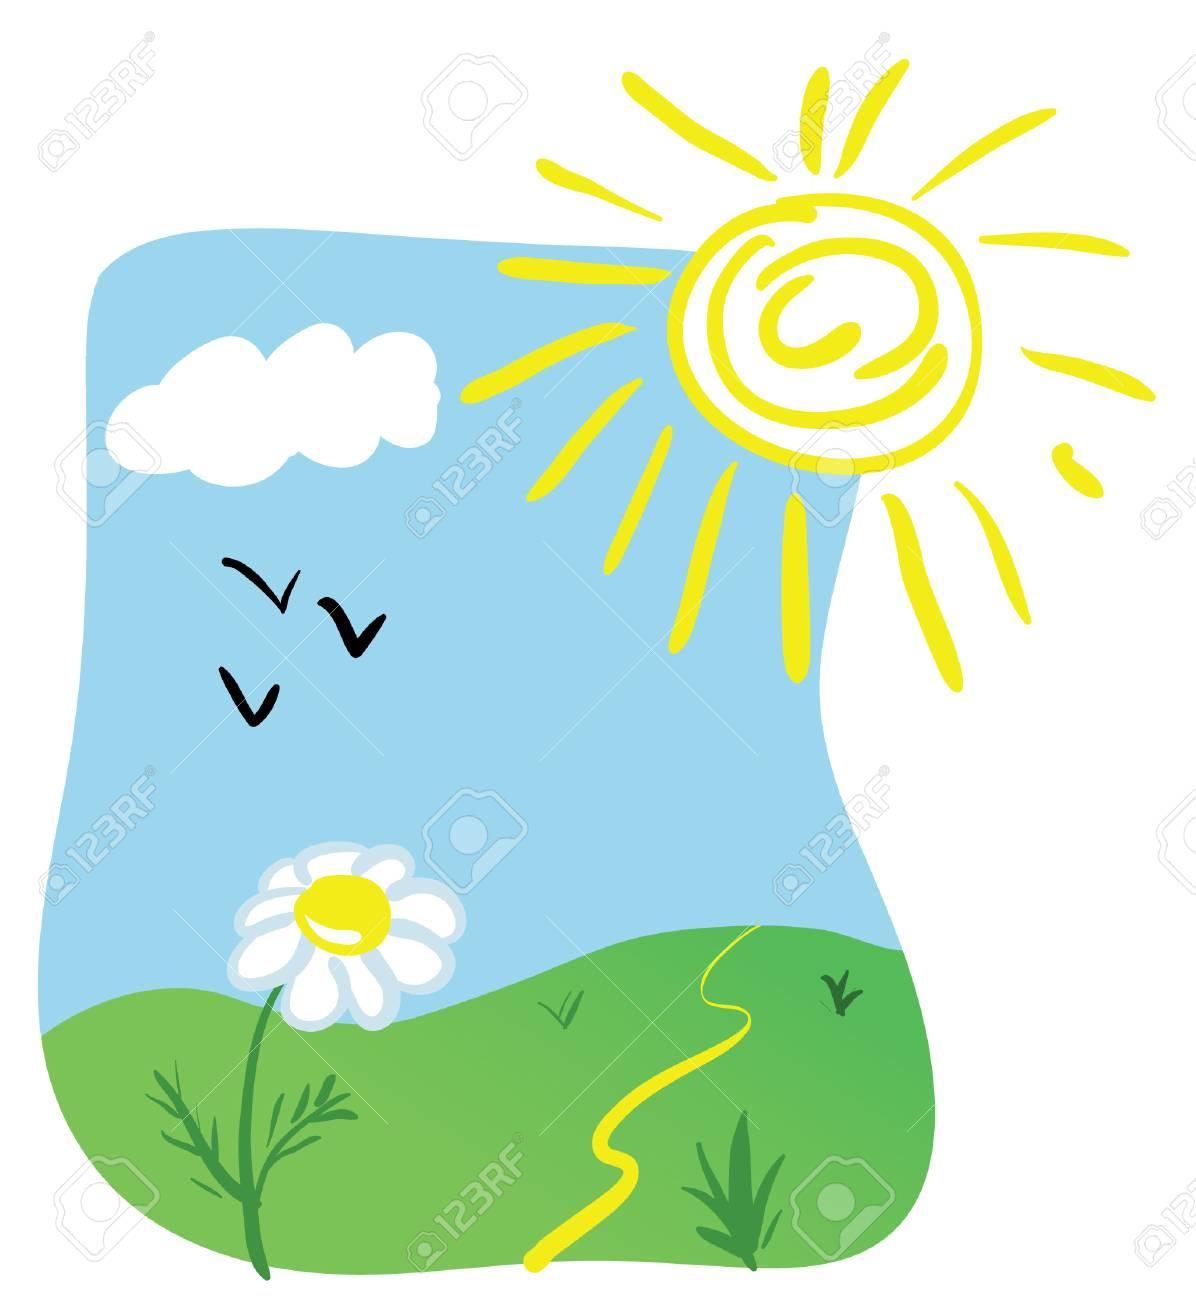 Dibujos Animados de Sol y Nubes Sol y Nubes Dibujo